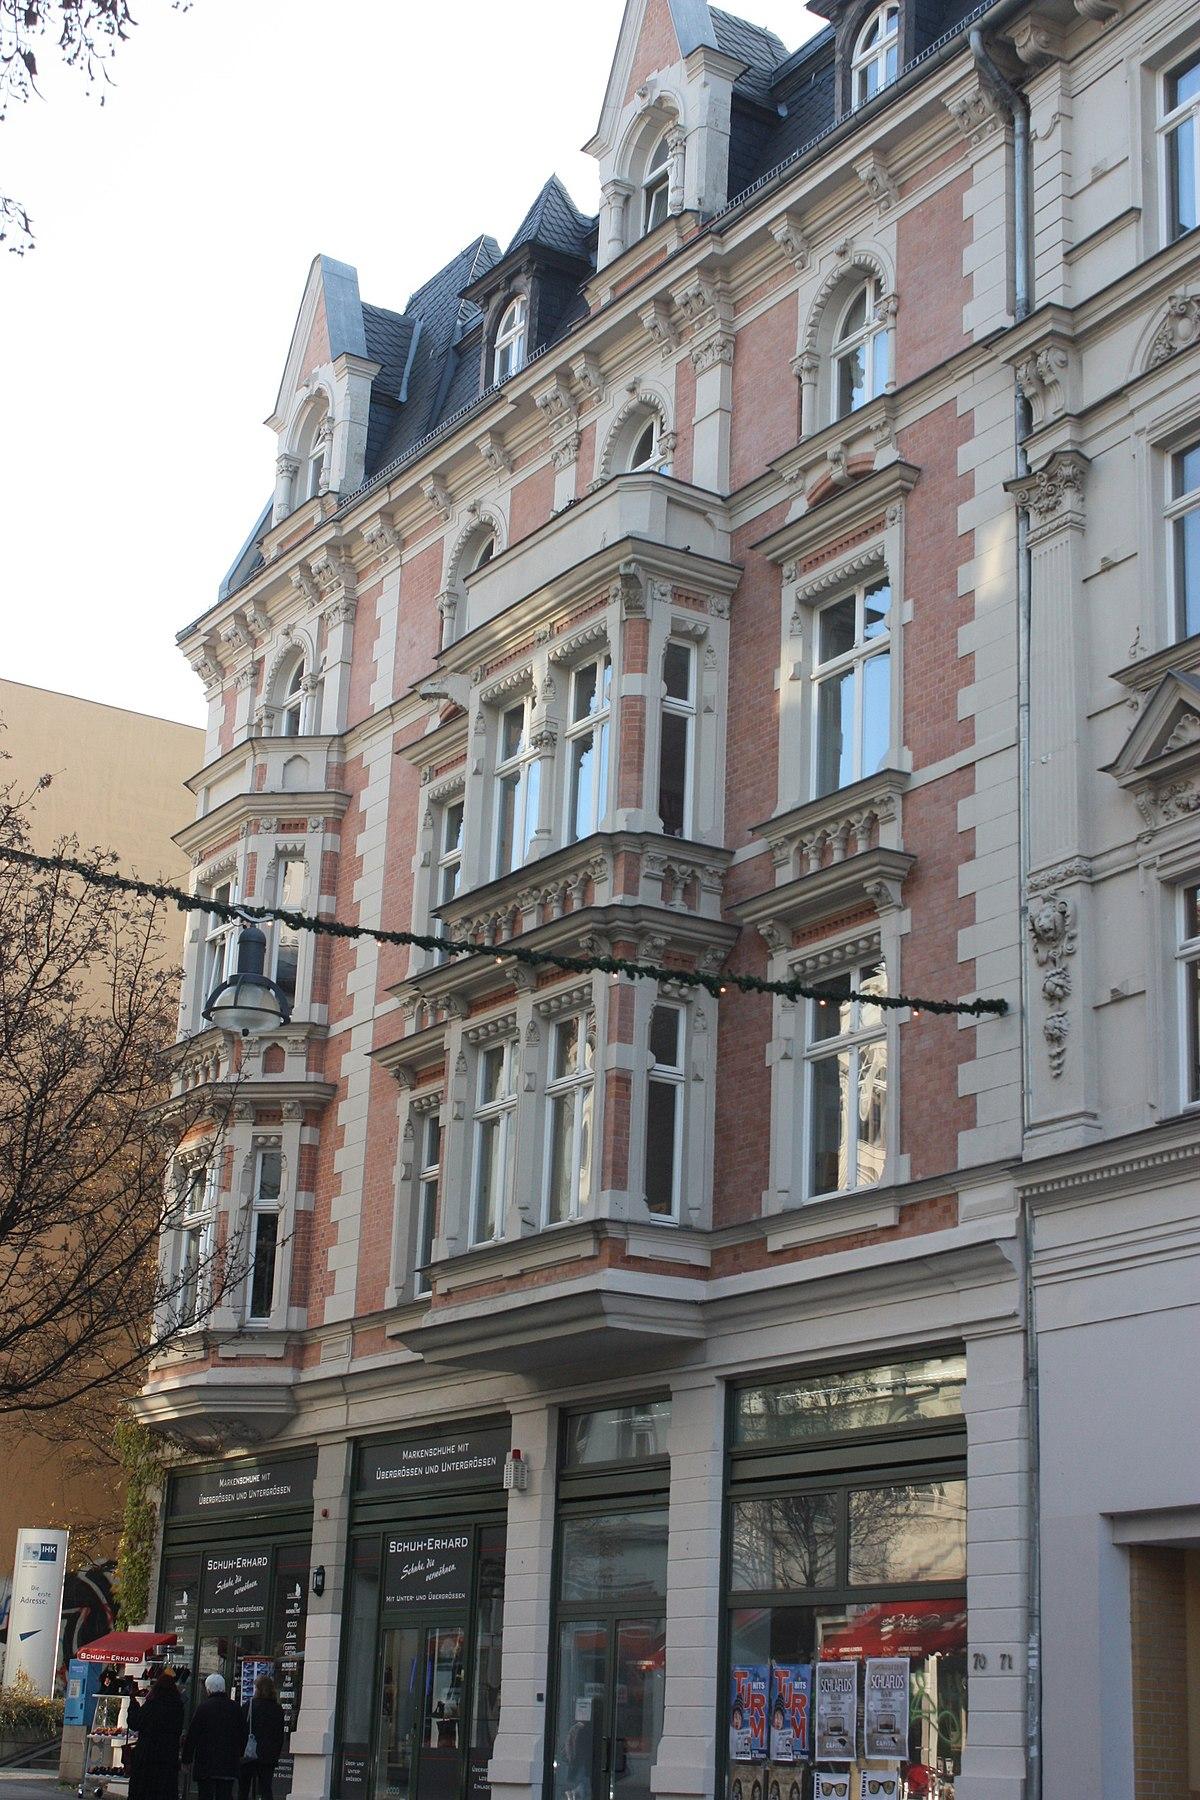 Haus Mieten Halle Saale : datei halle saale haus leipziger stra e 70 jpg wikipedia ~ Watch28wear.com Haus und Dekorationen